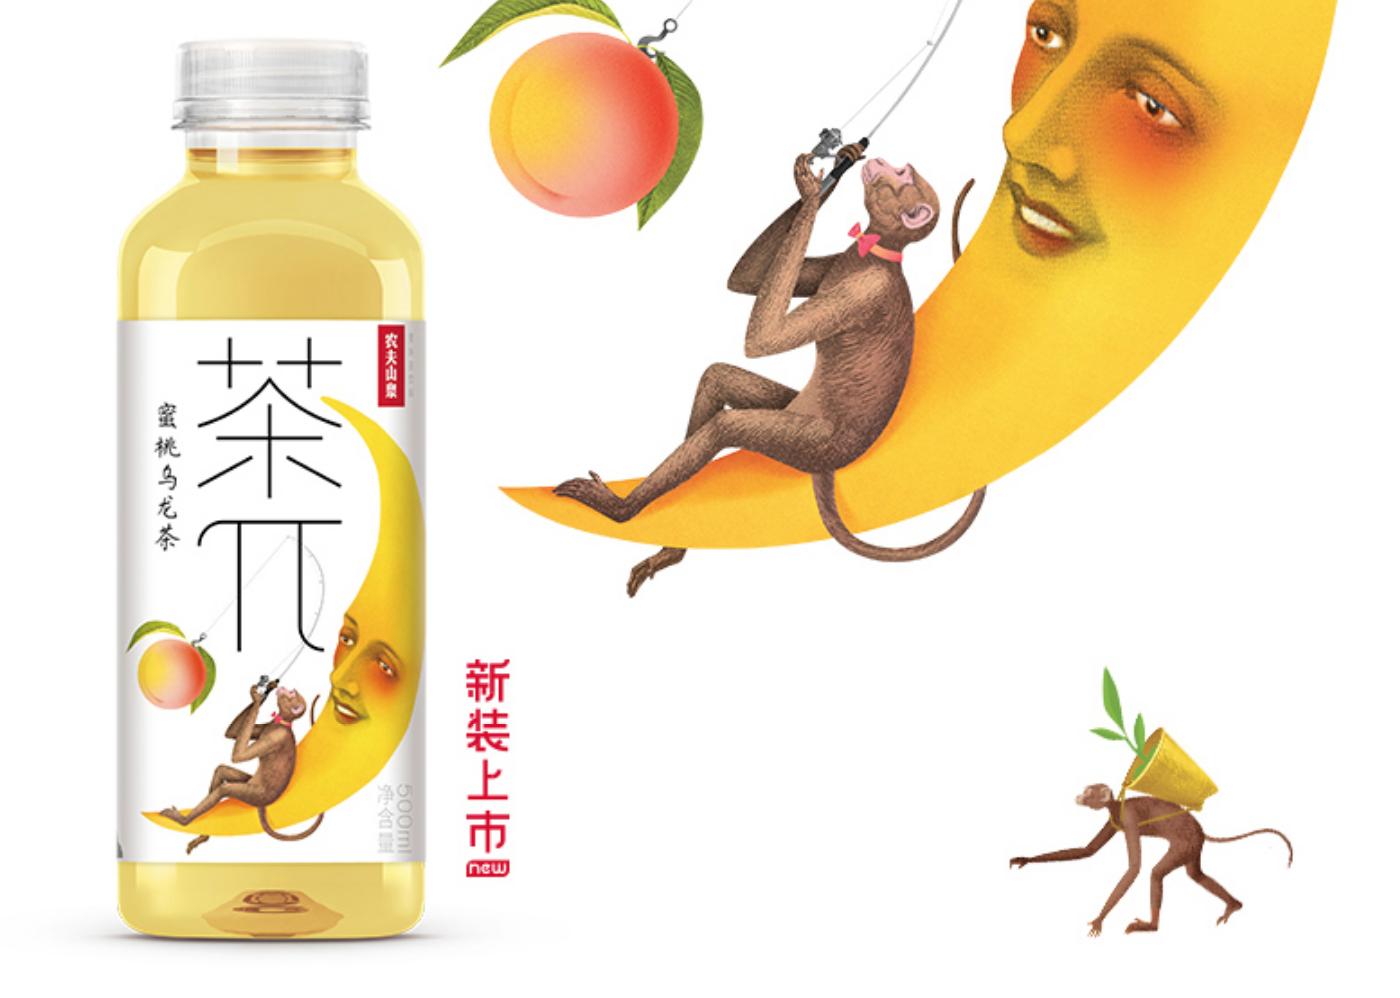 Nong Fu Nong Fu Peach Oolong Tea 500ml